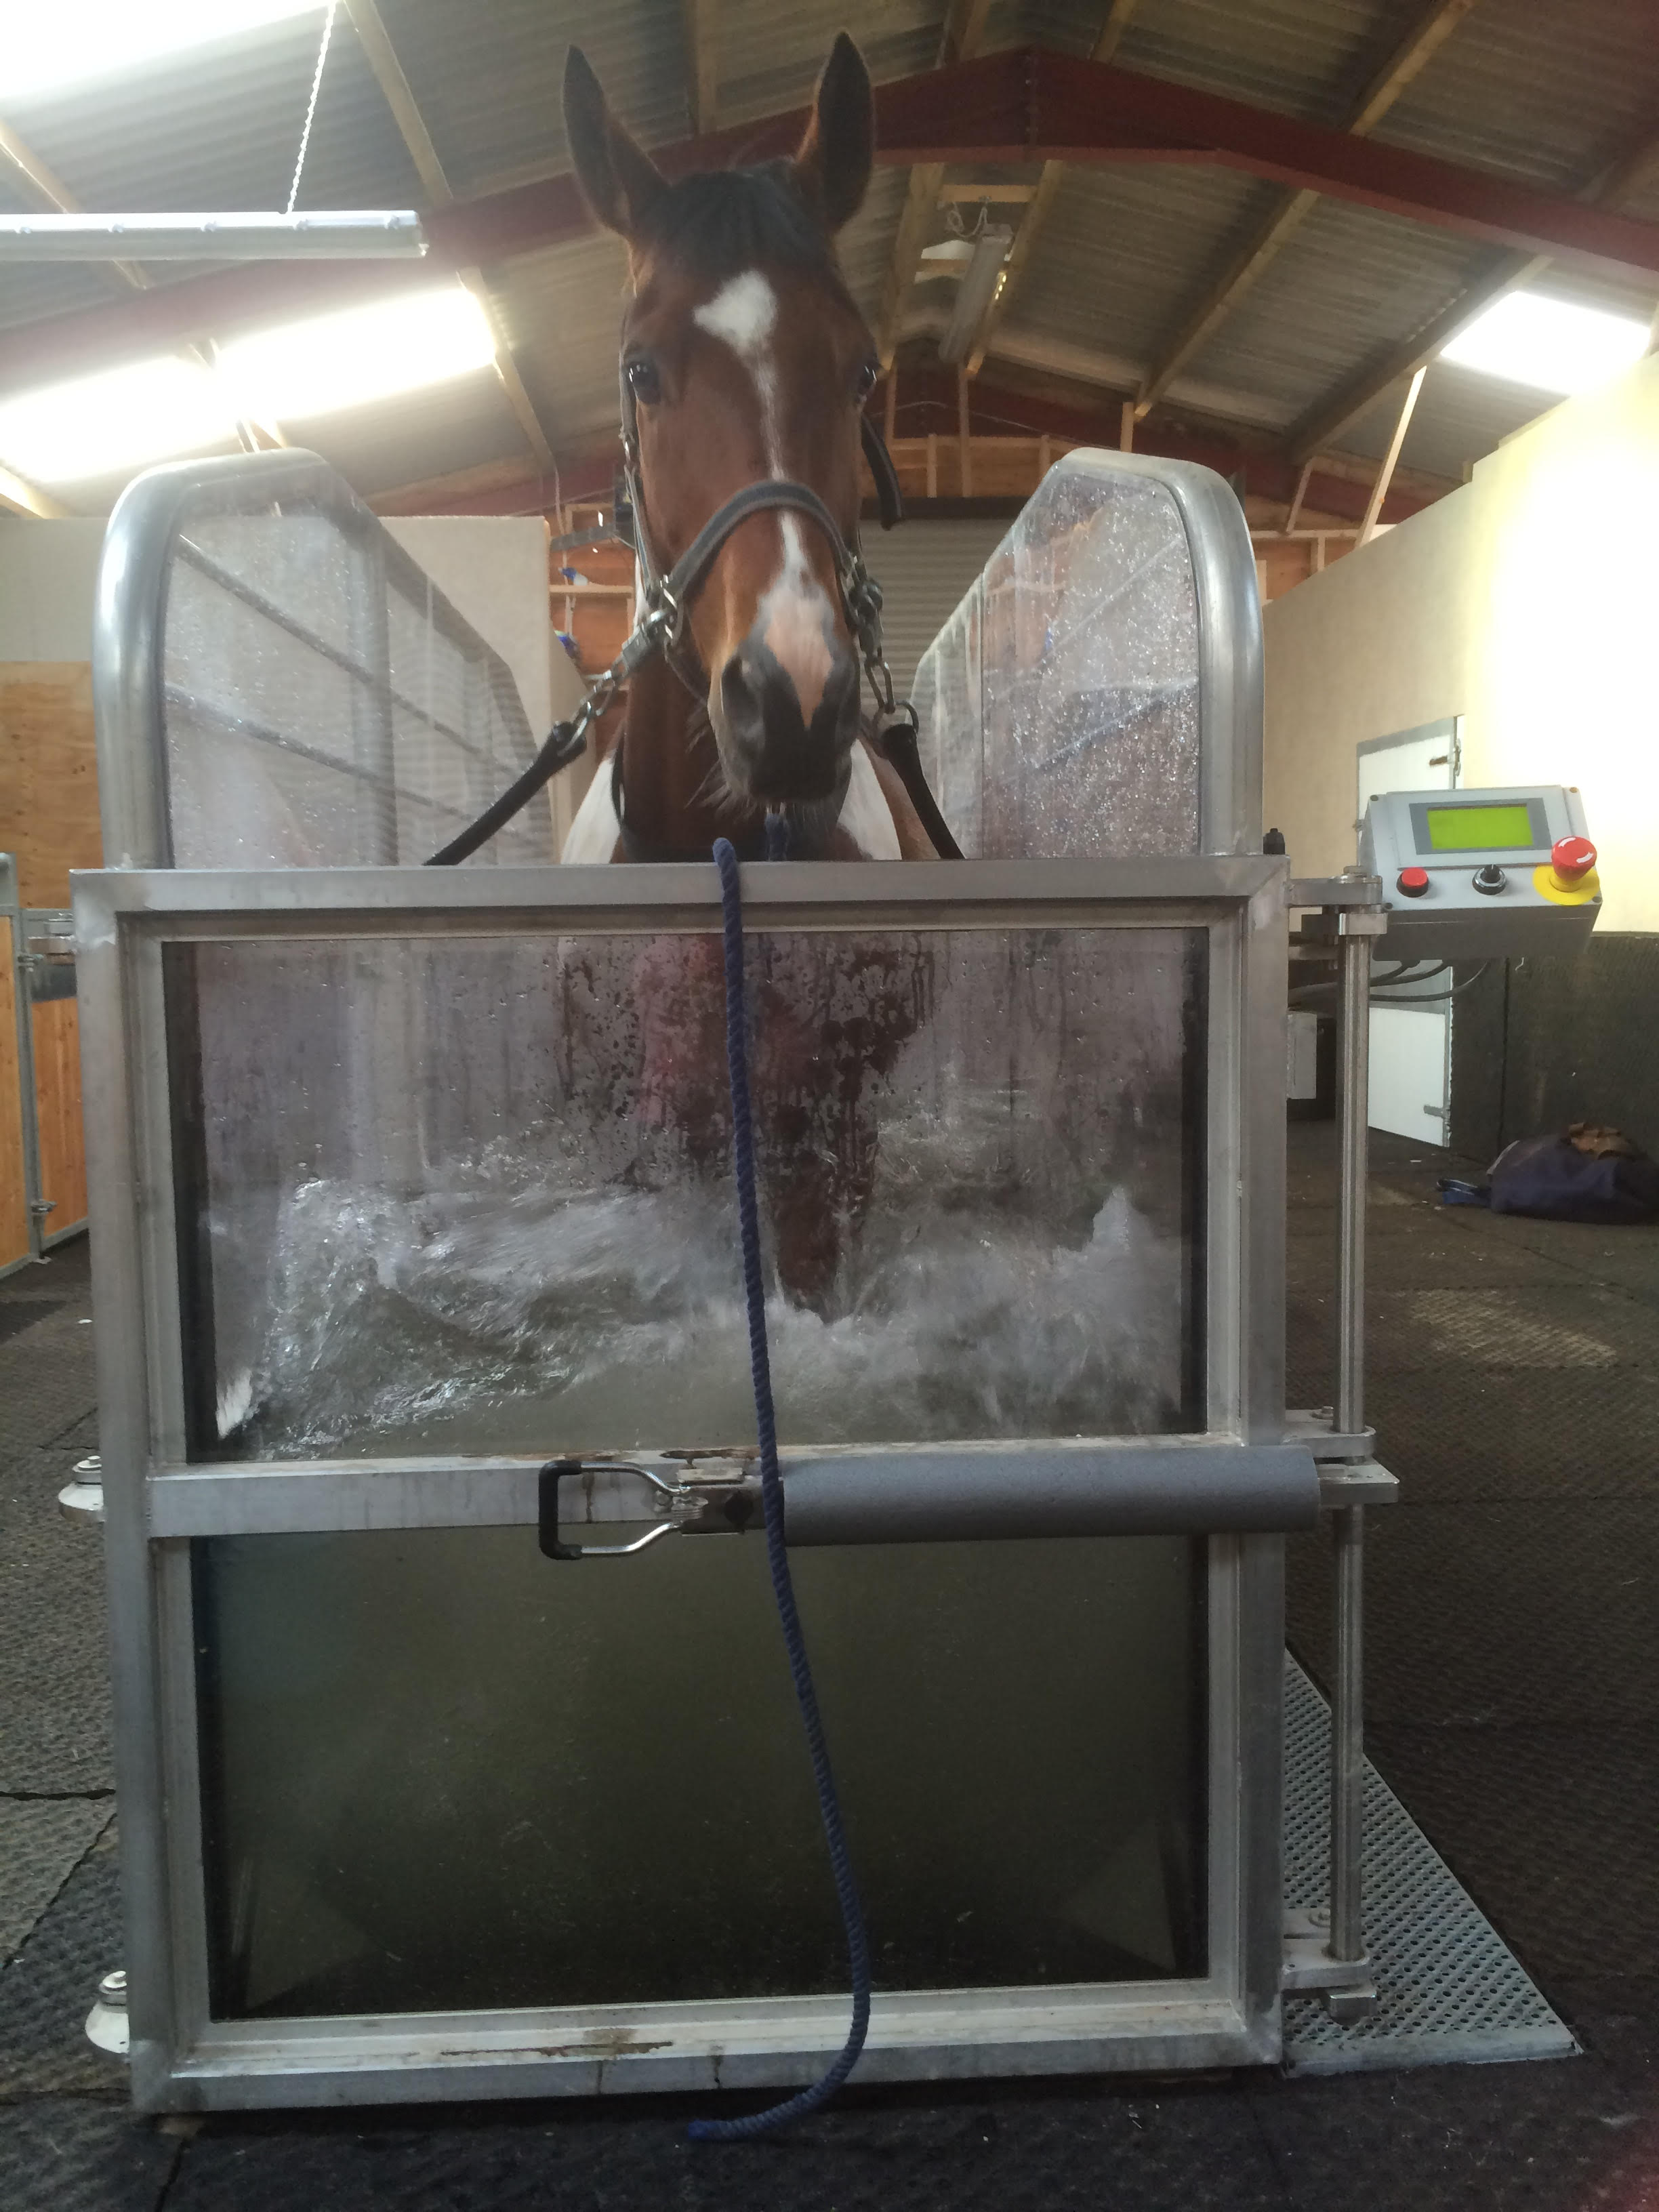 Treadmill horse 1